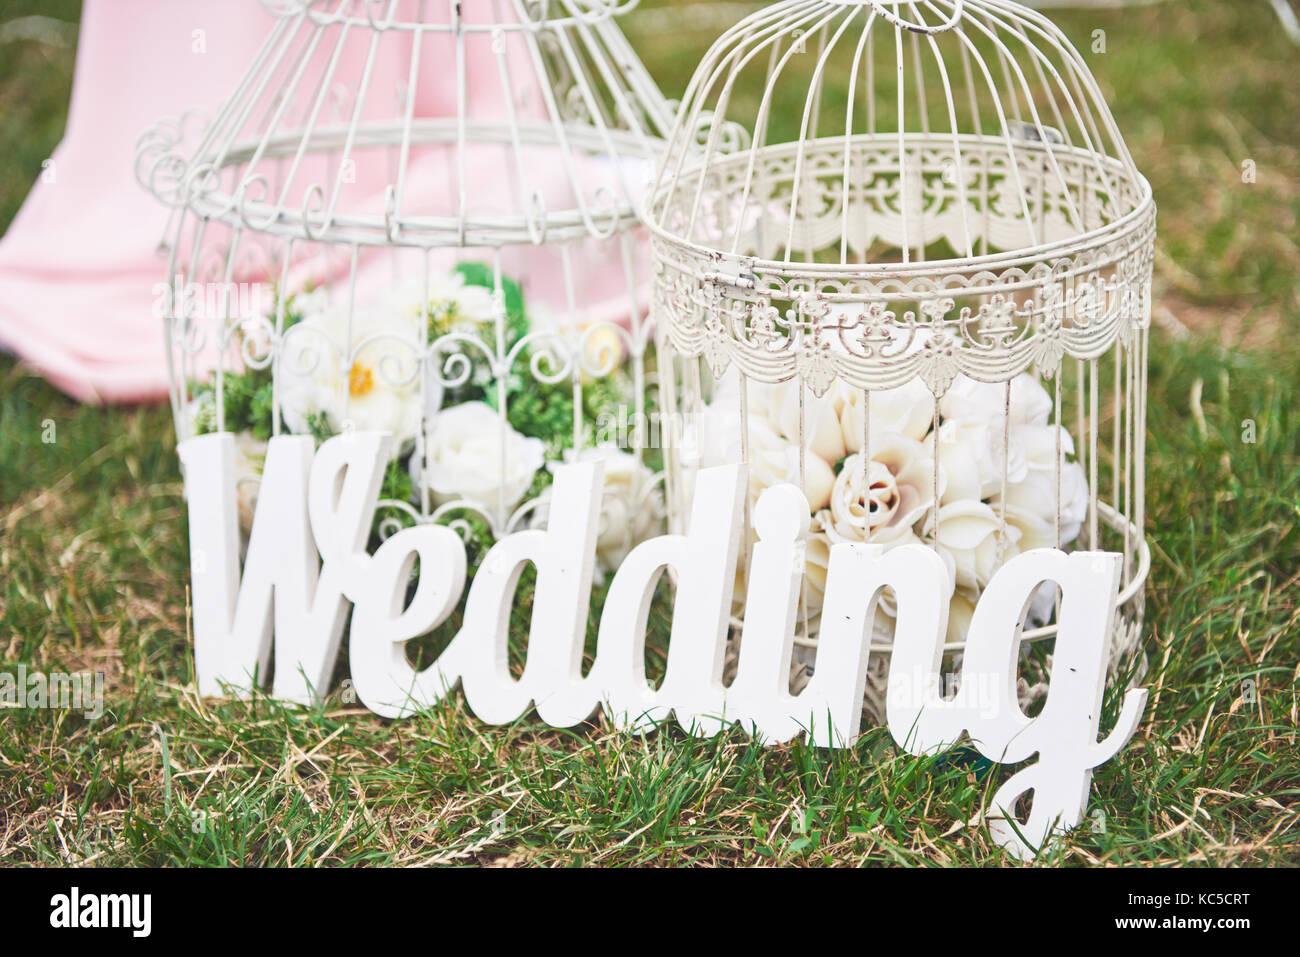 Holz Handgefertigt Willkommen Hochzeitsdekoration Stockfoto Bild